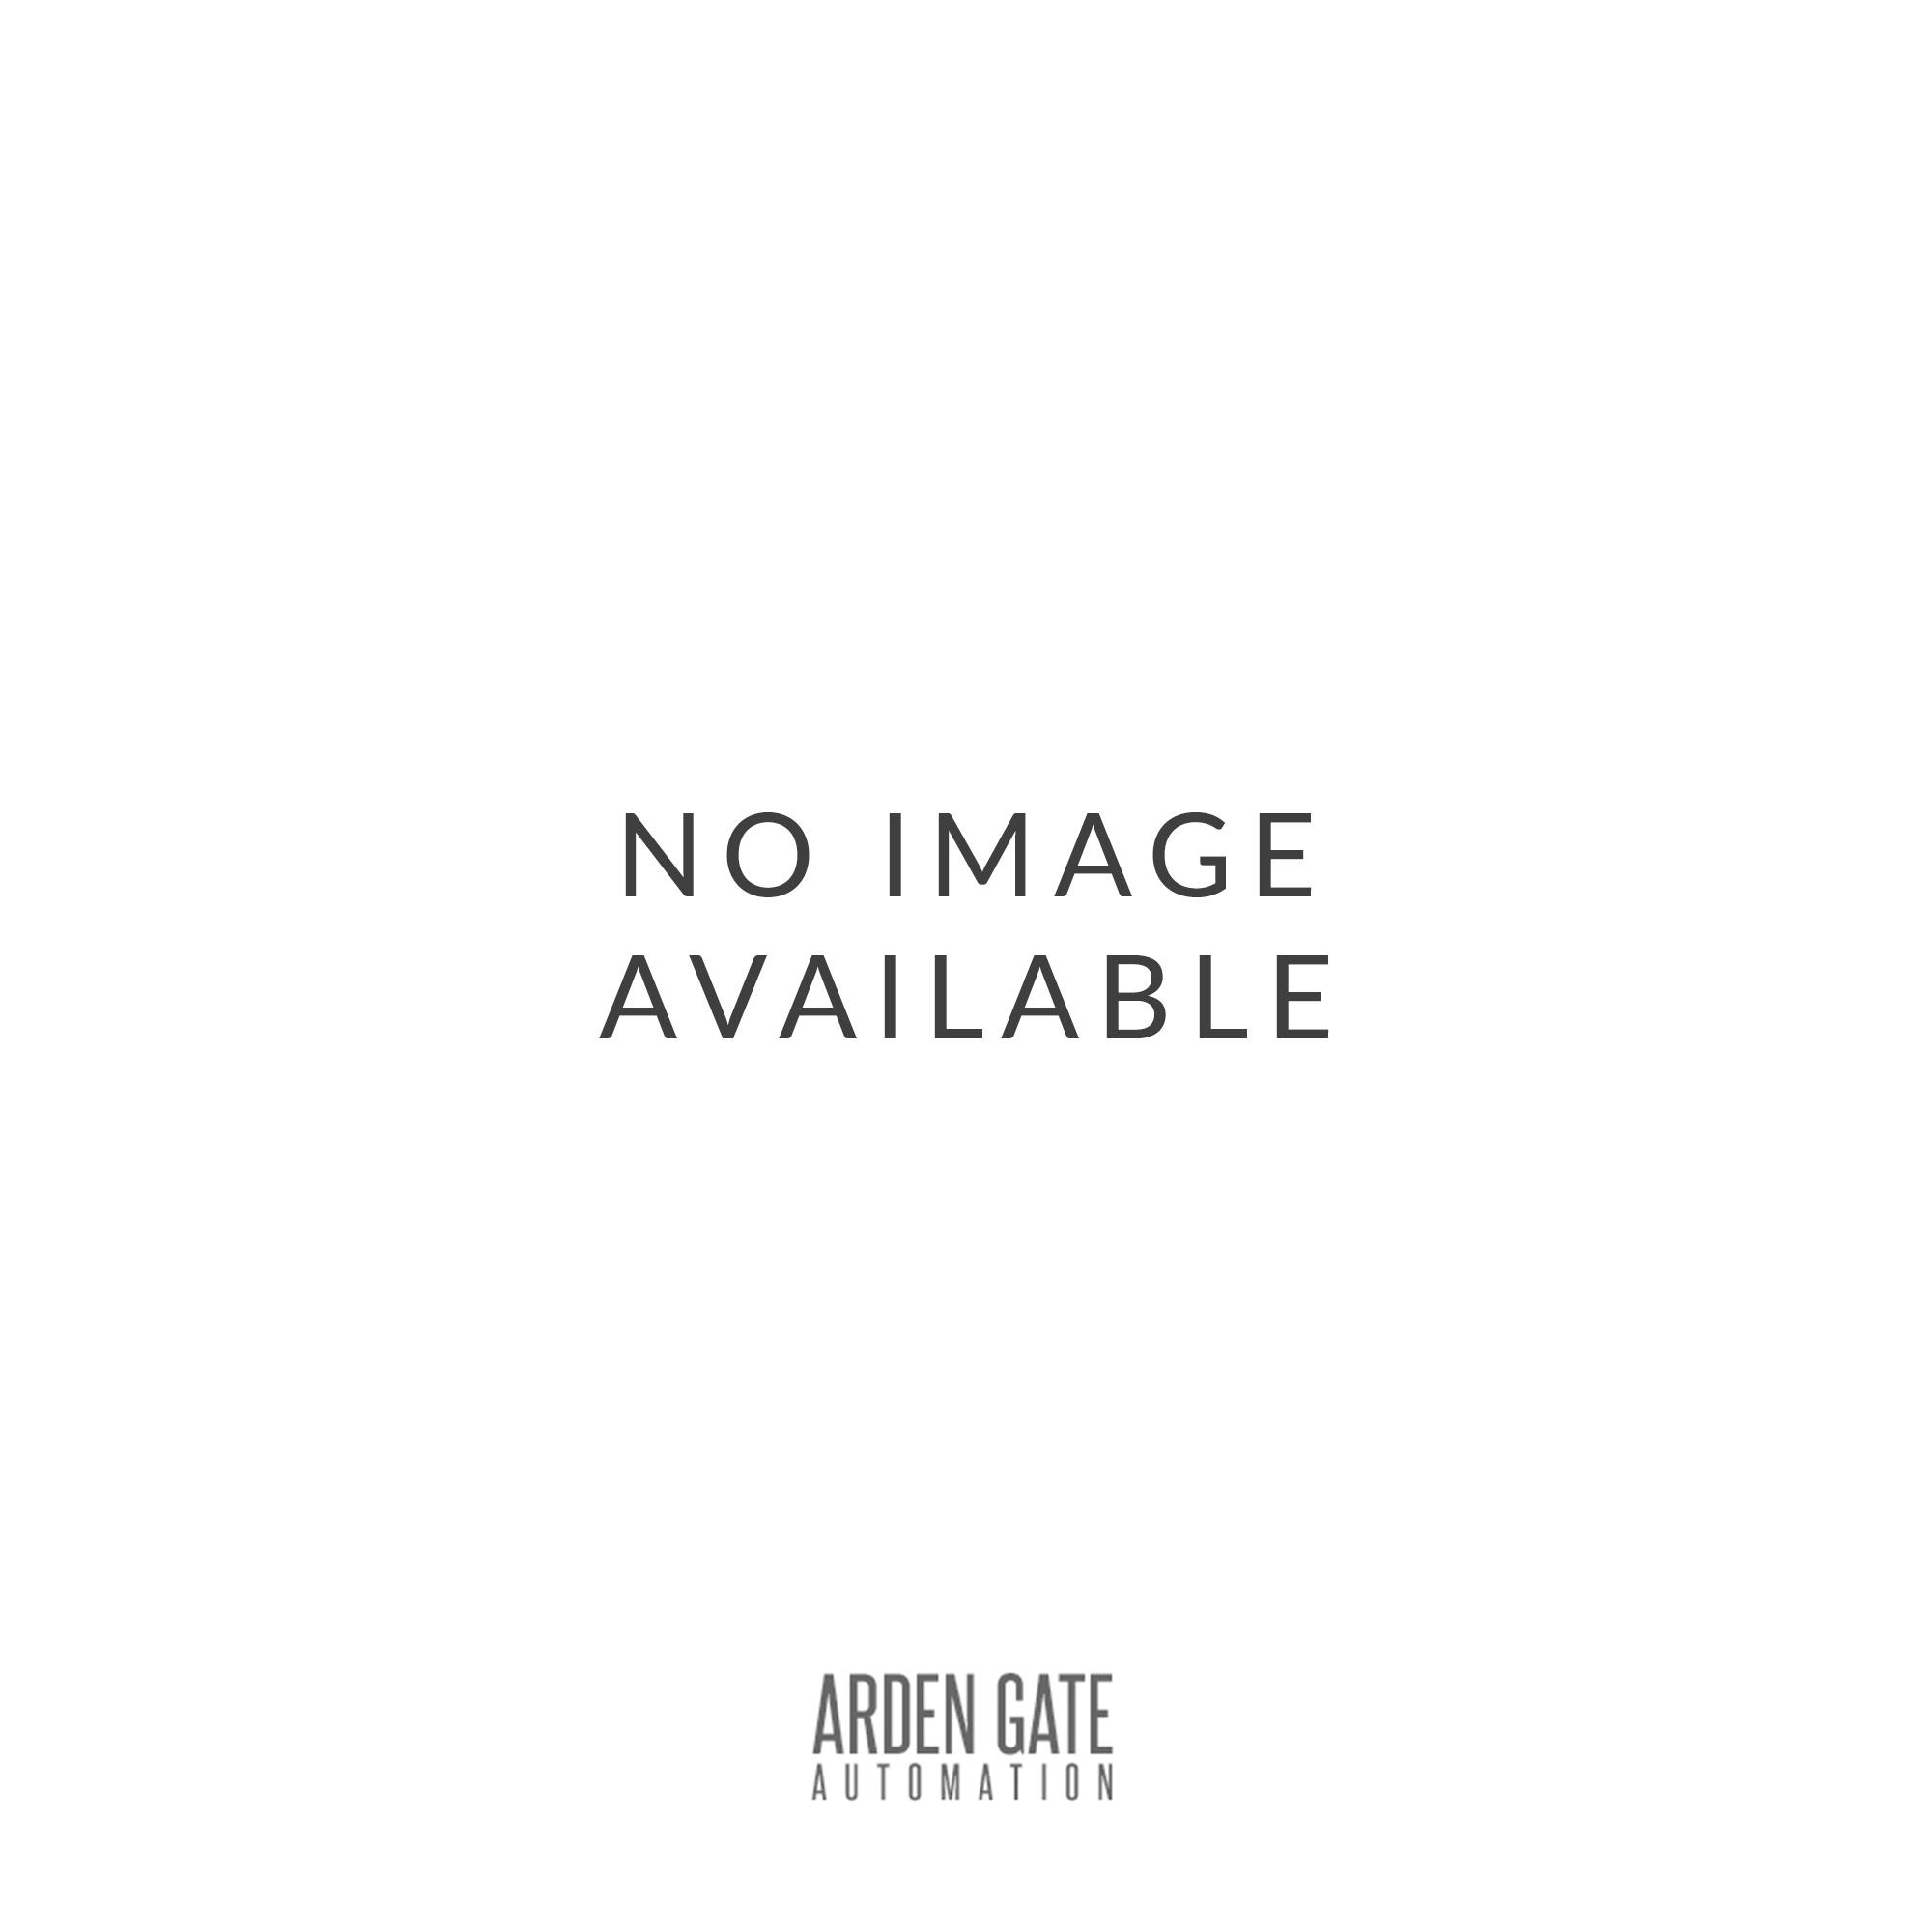 CAME DIR30 pair of photocells